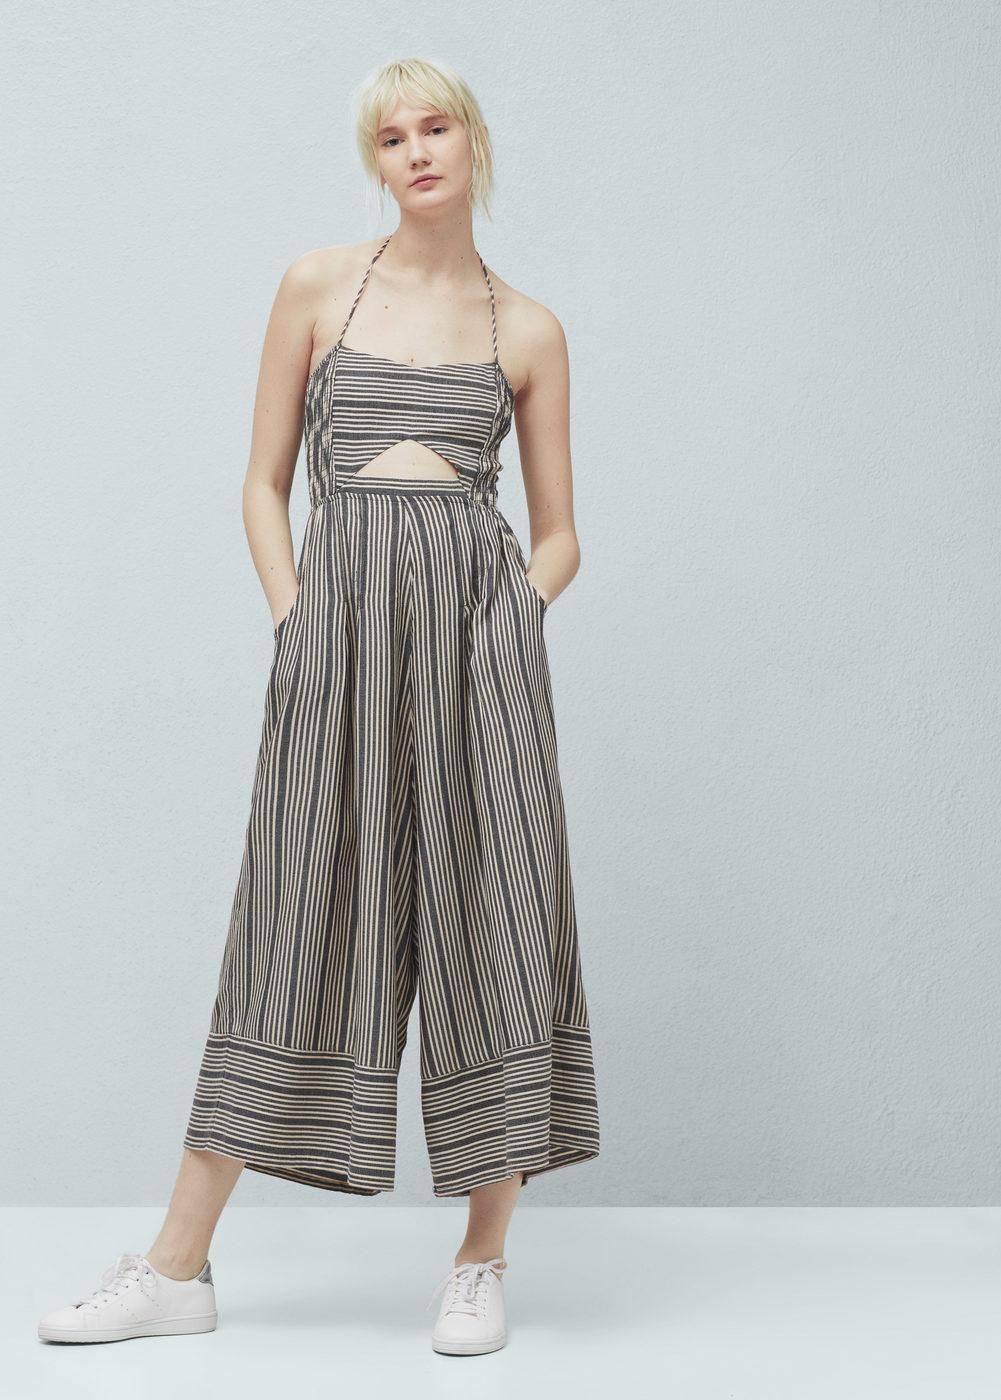 Mango Striped Cotton Jumpsuit, $69